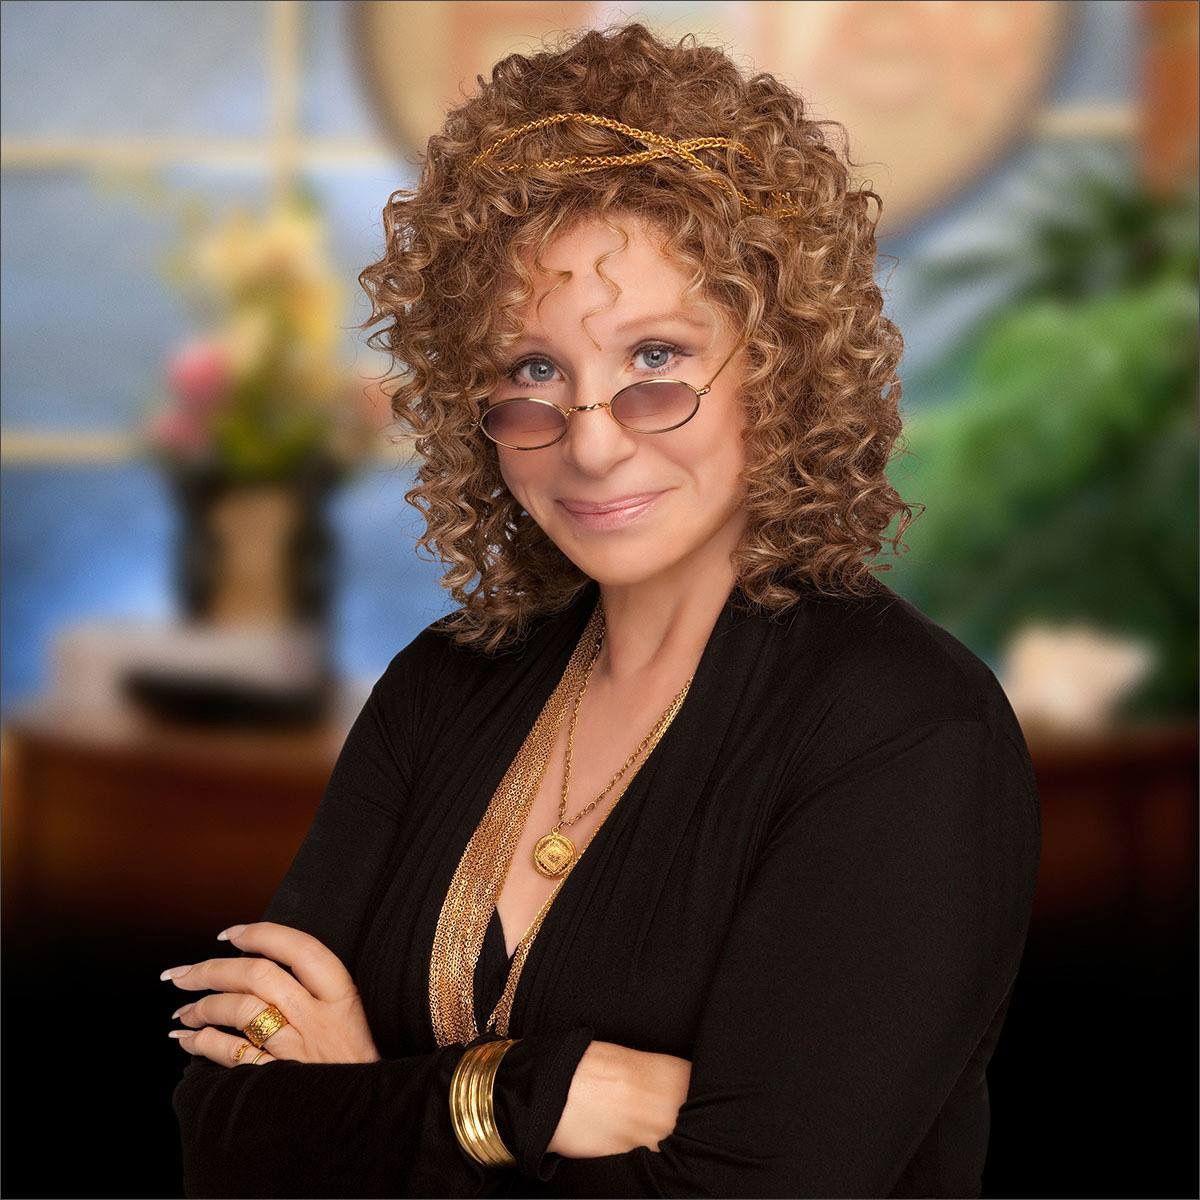 Barbra Streisand as Roz Focker | BARBRA STREISAND - she's ...  Barbra Streisand Meet The Fockers